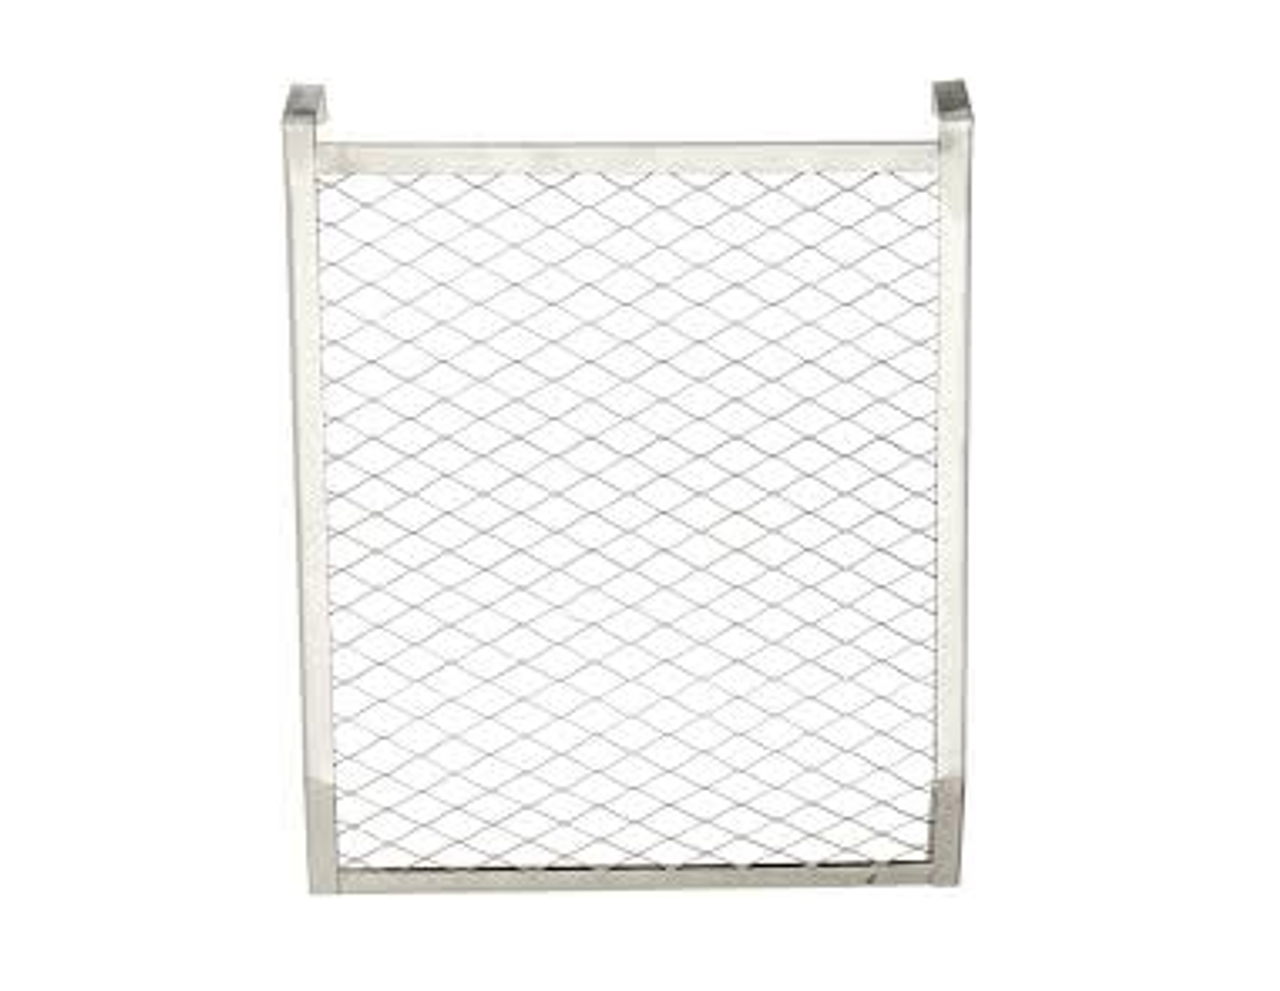 Paint Bucket Grid - 5 Gallon